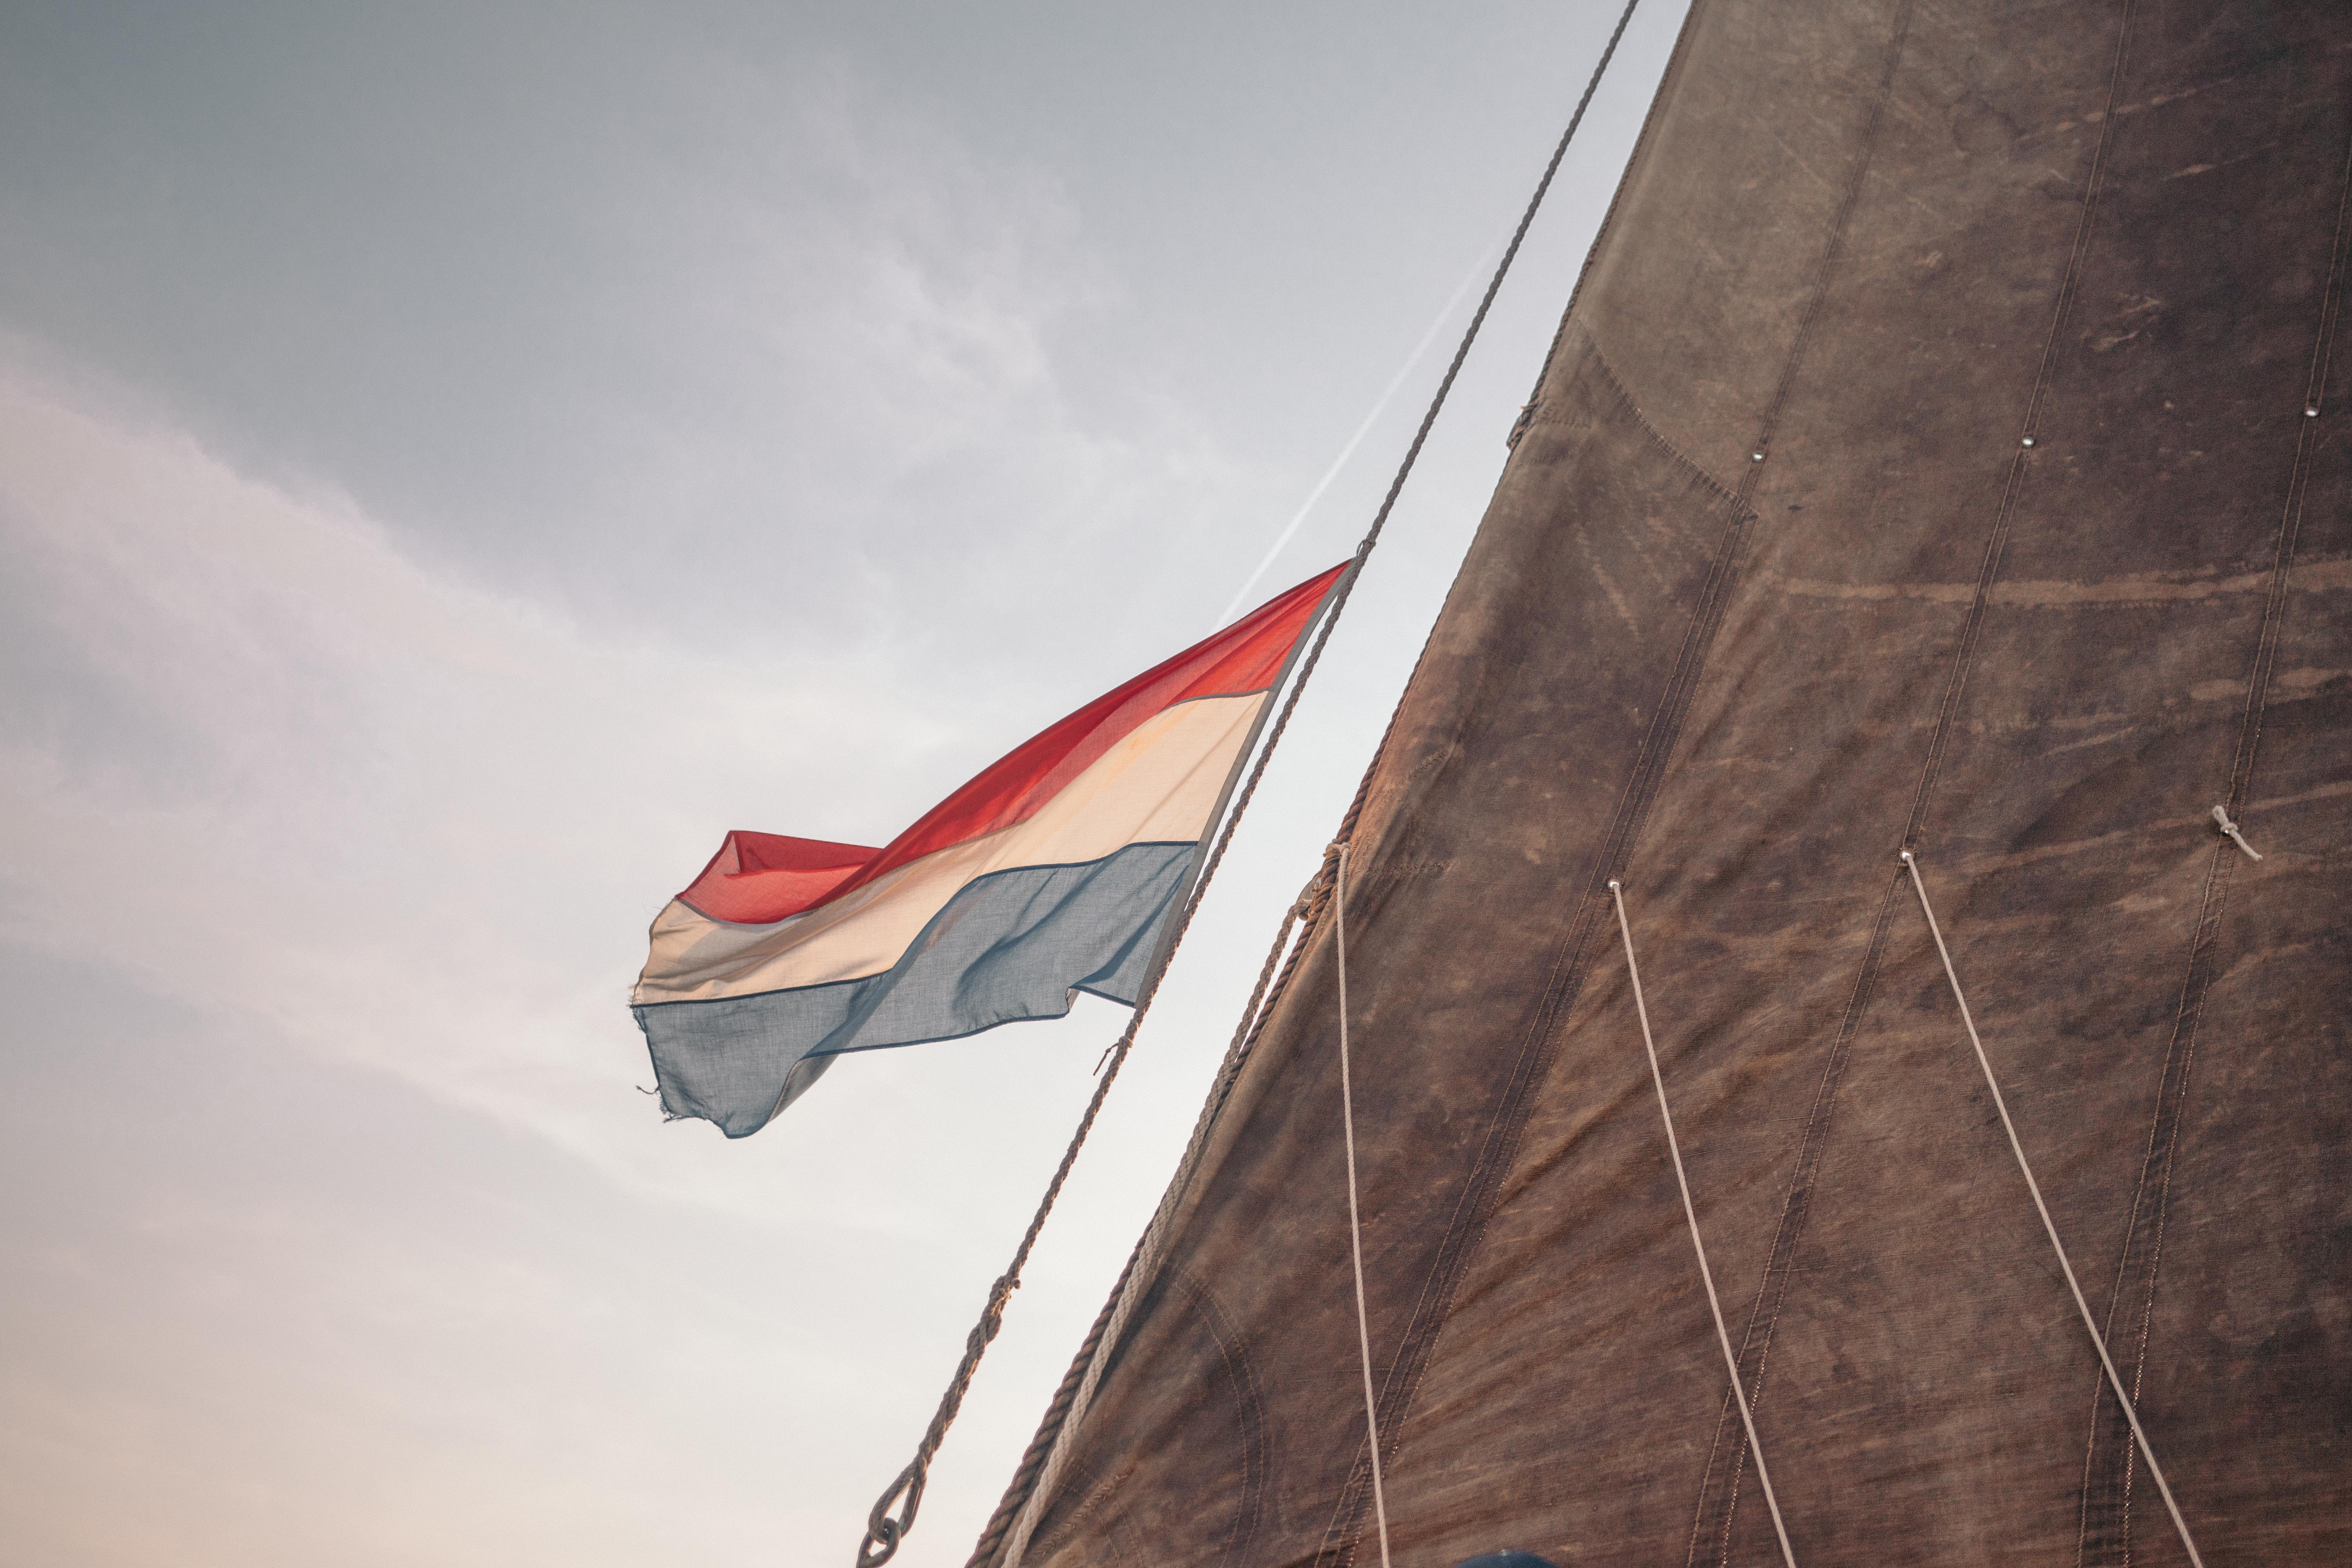 Nederlandse vlag aan kraanlijn